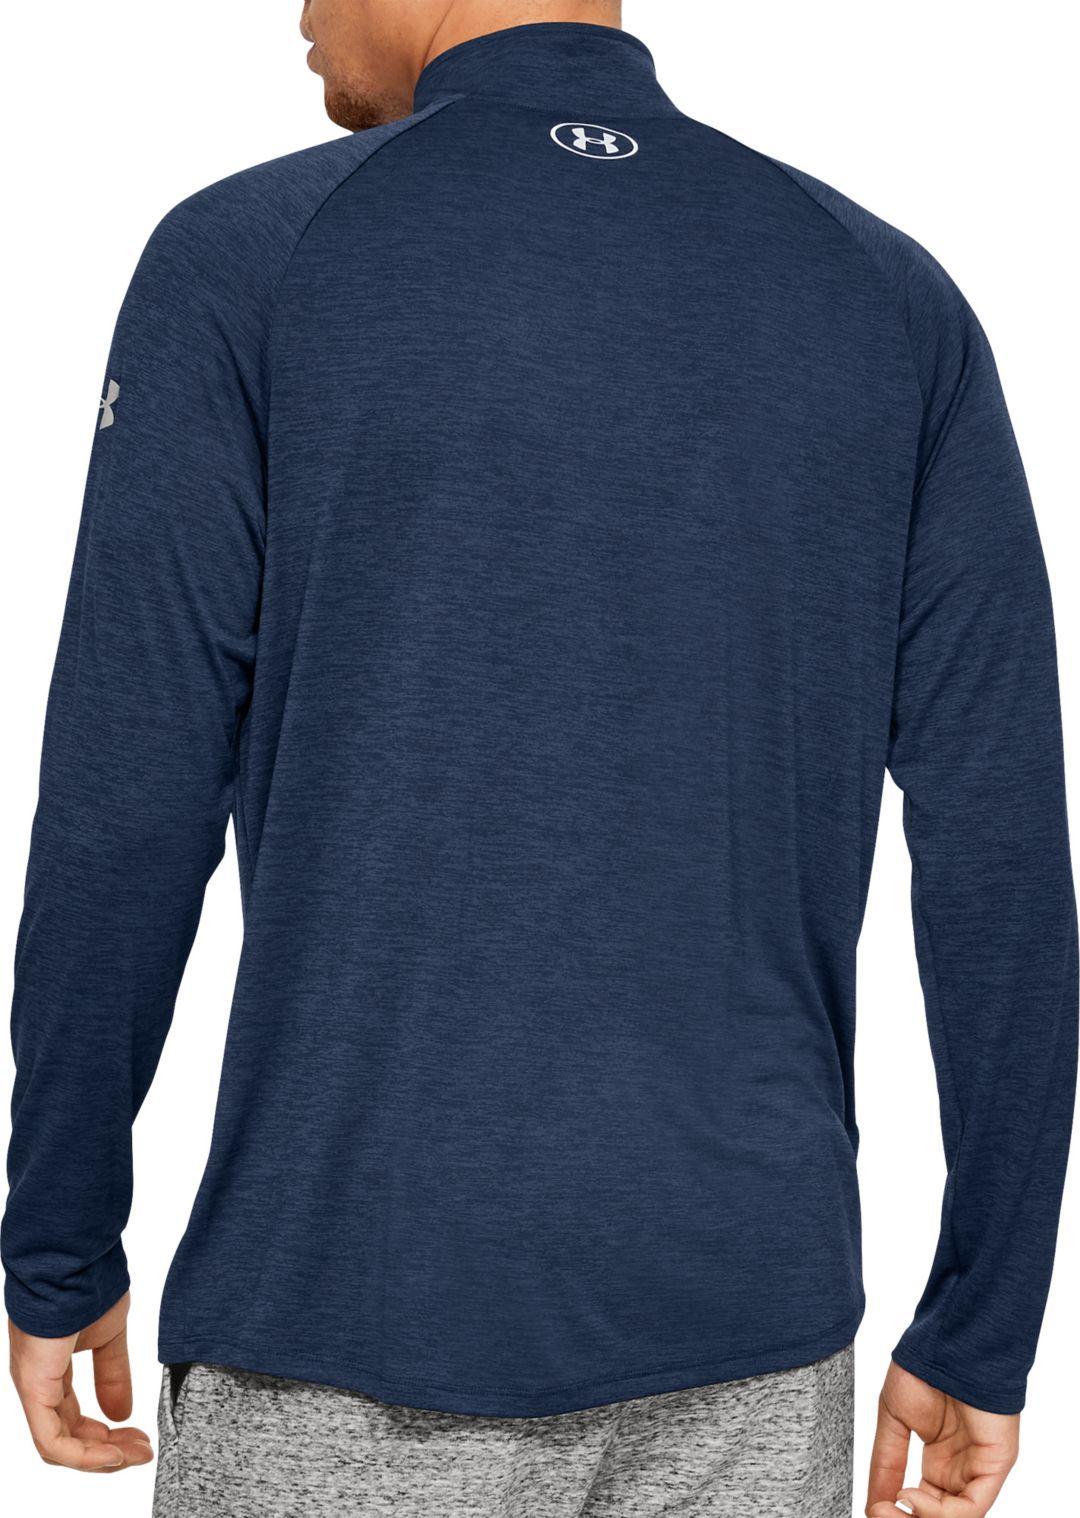 dbd30cb905 Under Armour Men's Project Rock Tech ½ Zip Long Sleeve Shirt